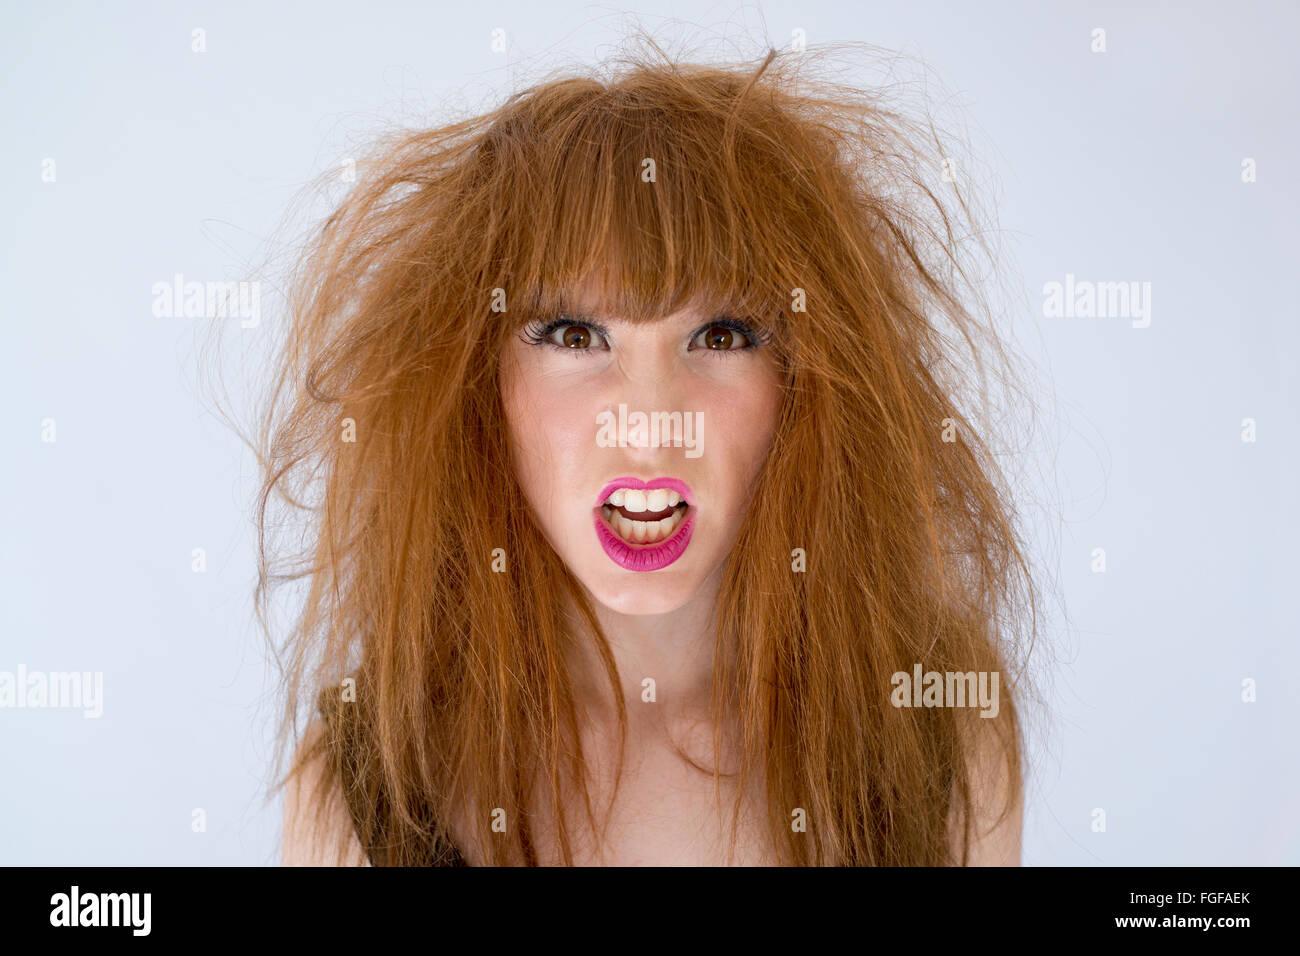 Porträt einer Frau mit chaotisch zerzausten Haaren mit und Ausdruck von Wut Stockbild